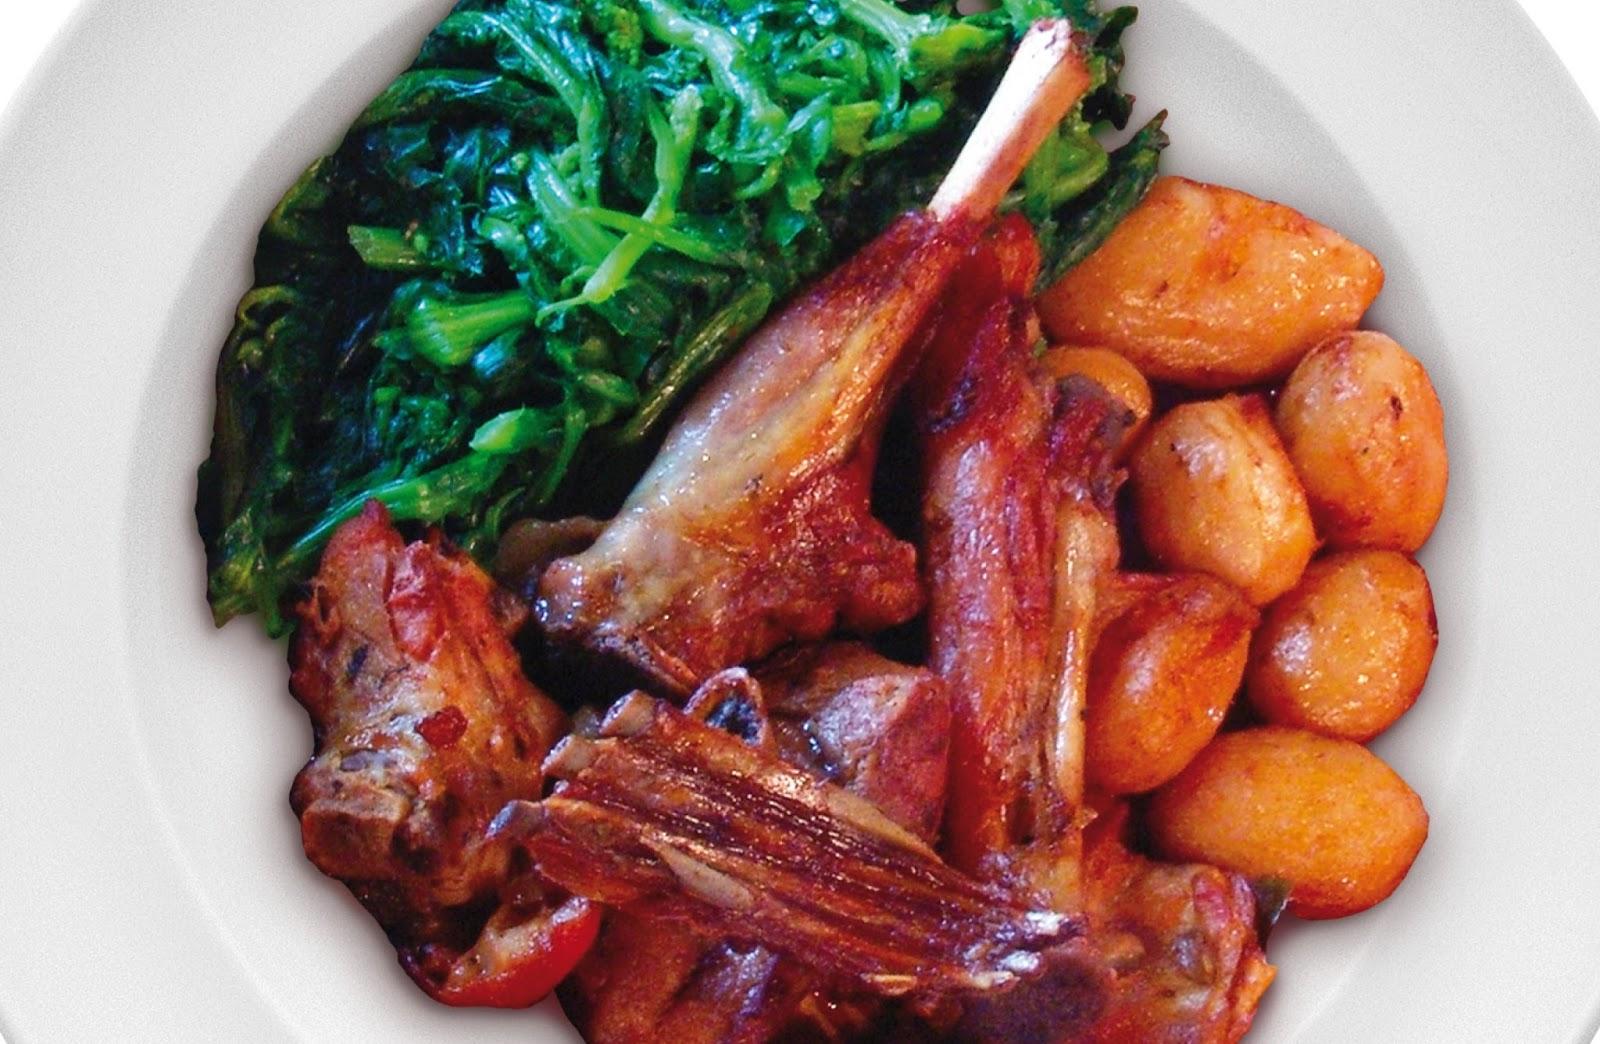 Torres Novas - Festival Gastronómico do Cabrito em 29 restaurantes ...